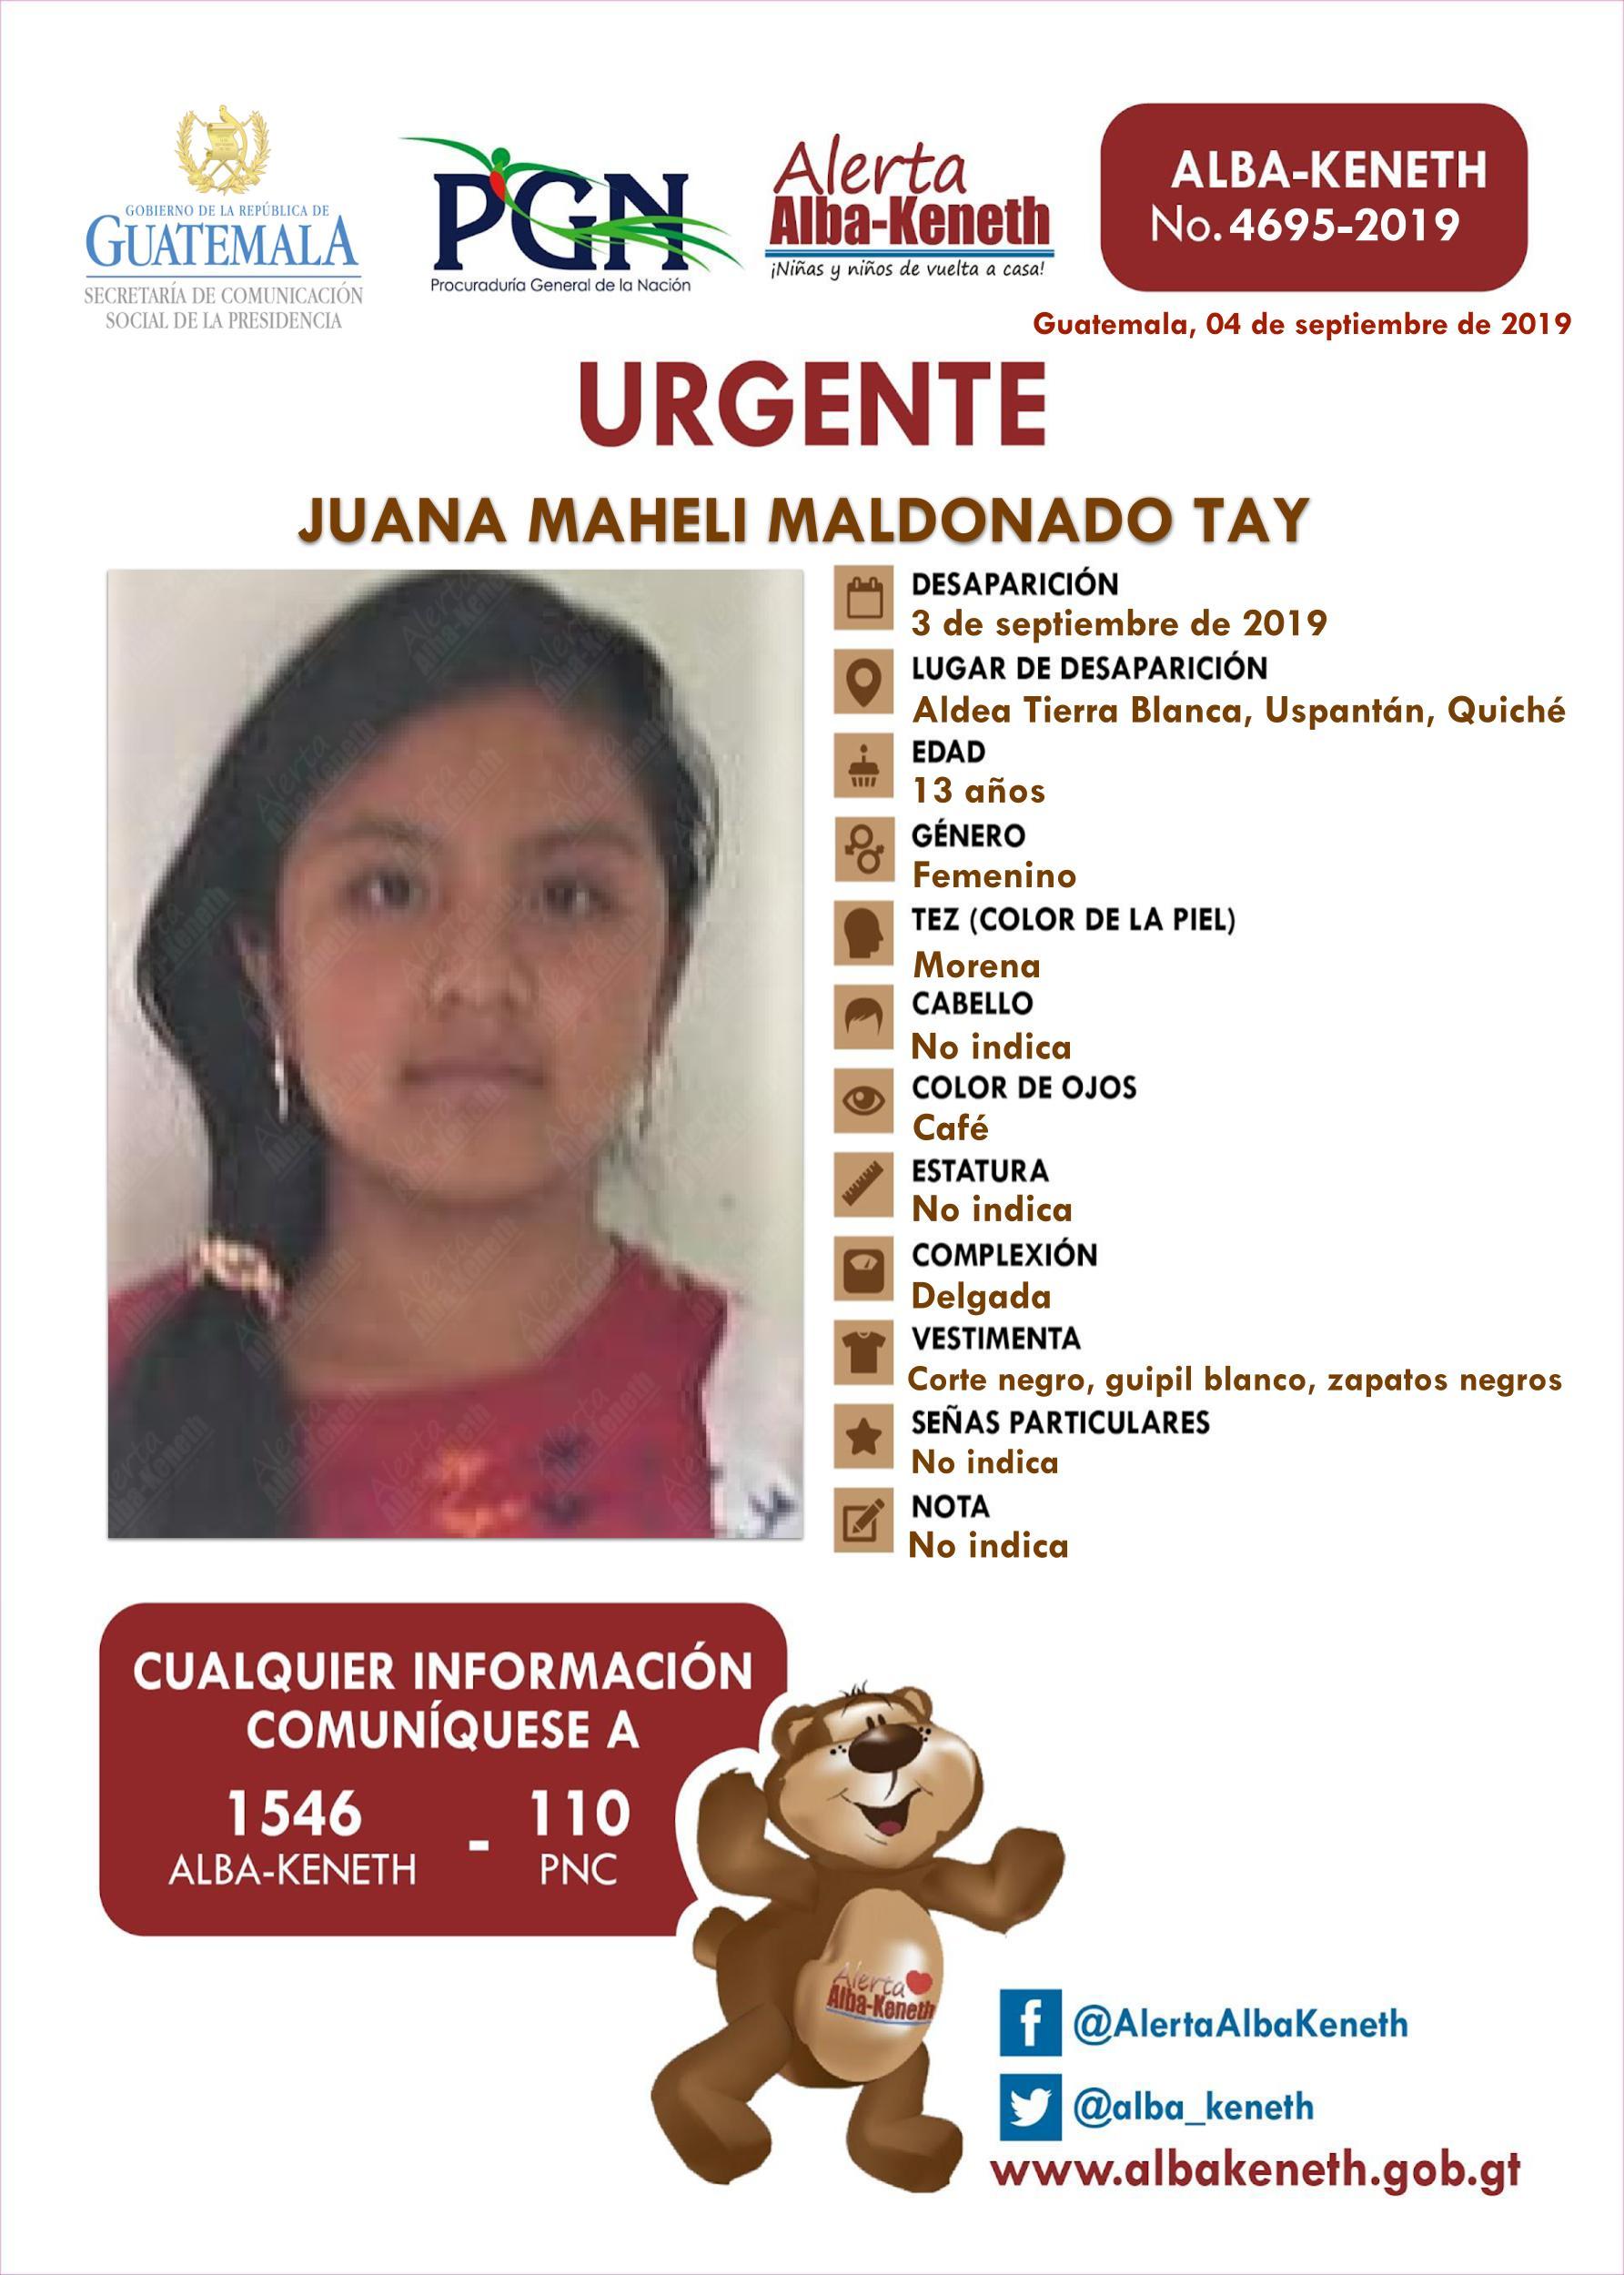 Juana Maheli Maldonado Tay